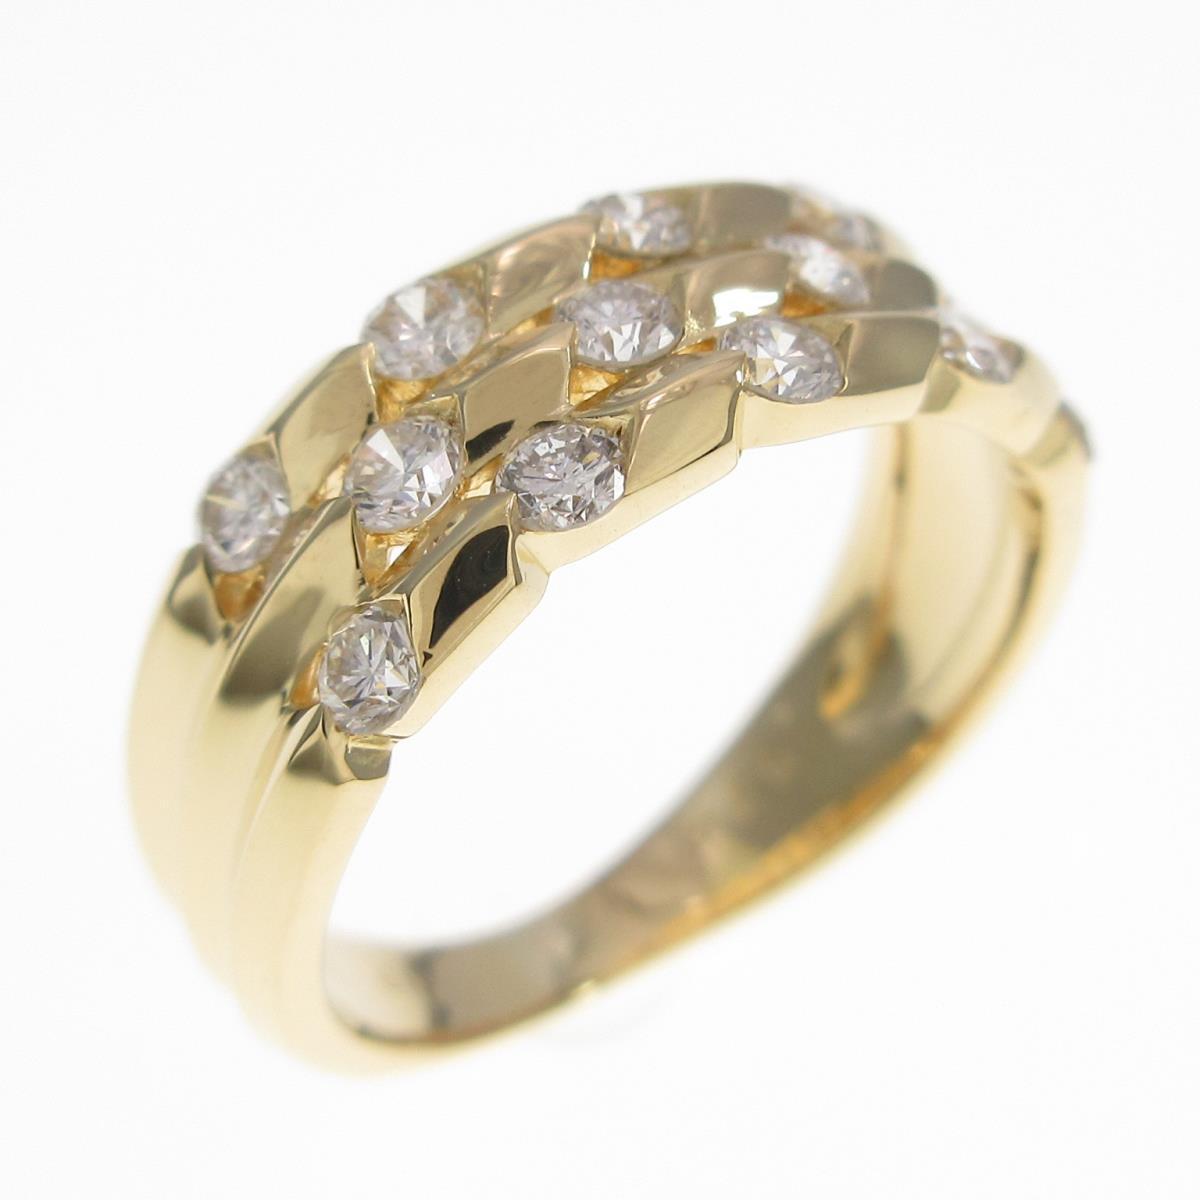 人気ブランド多数対象 K18YG ダイヤモンドリング 中古 低価格